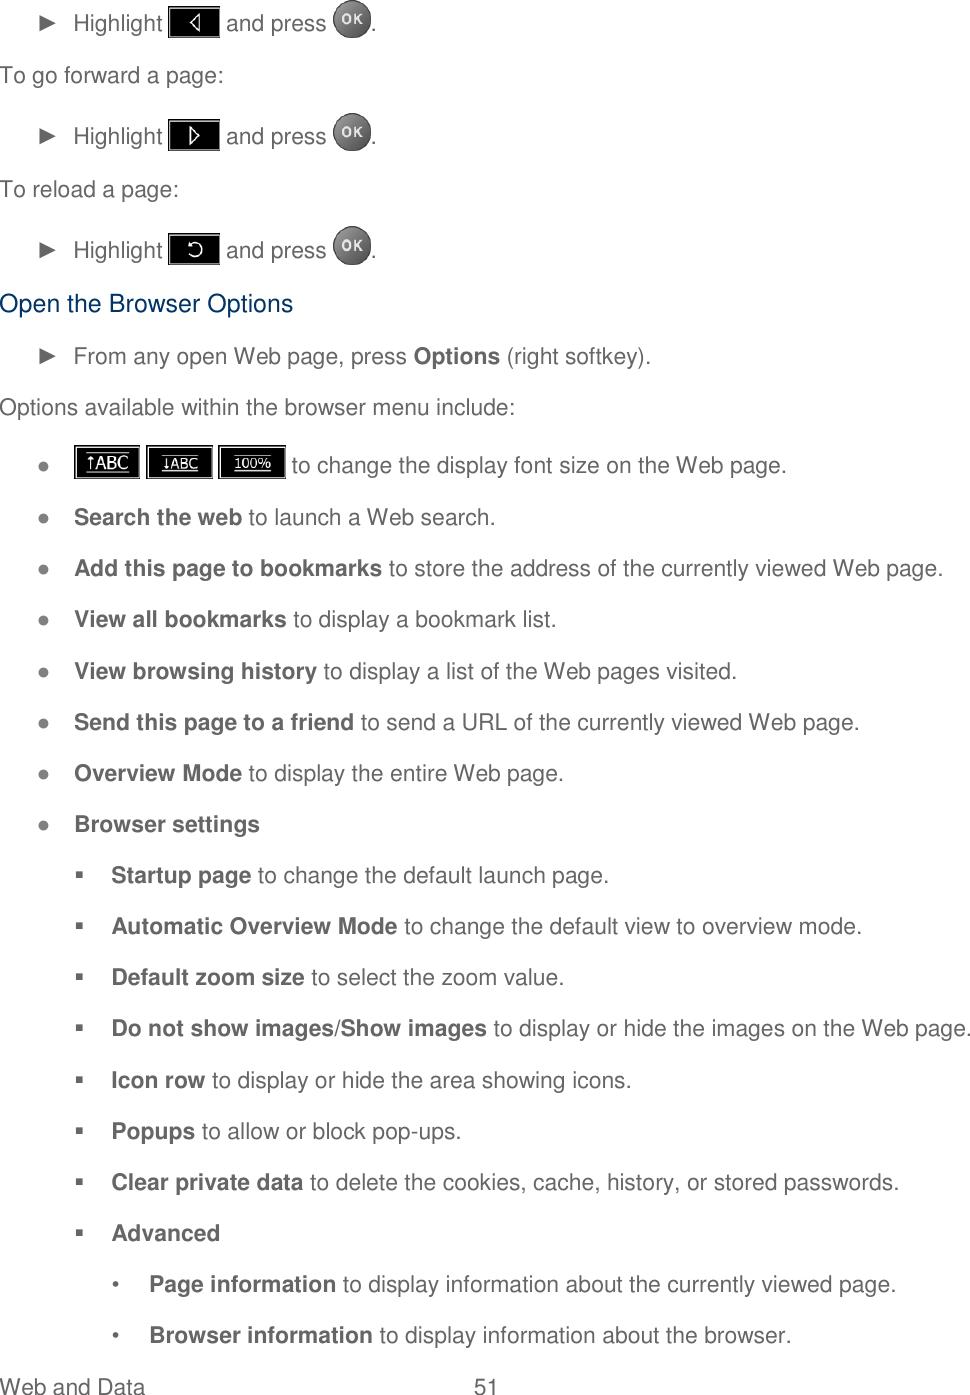 Kyocera Kona Sprint User Guide